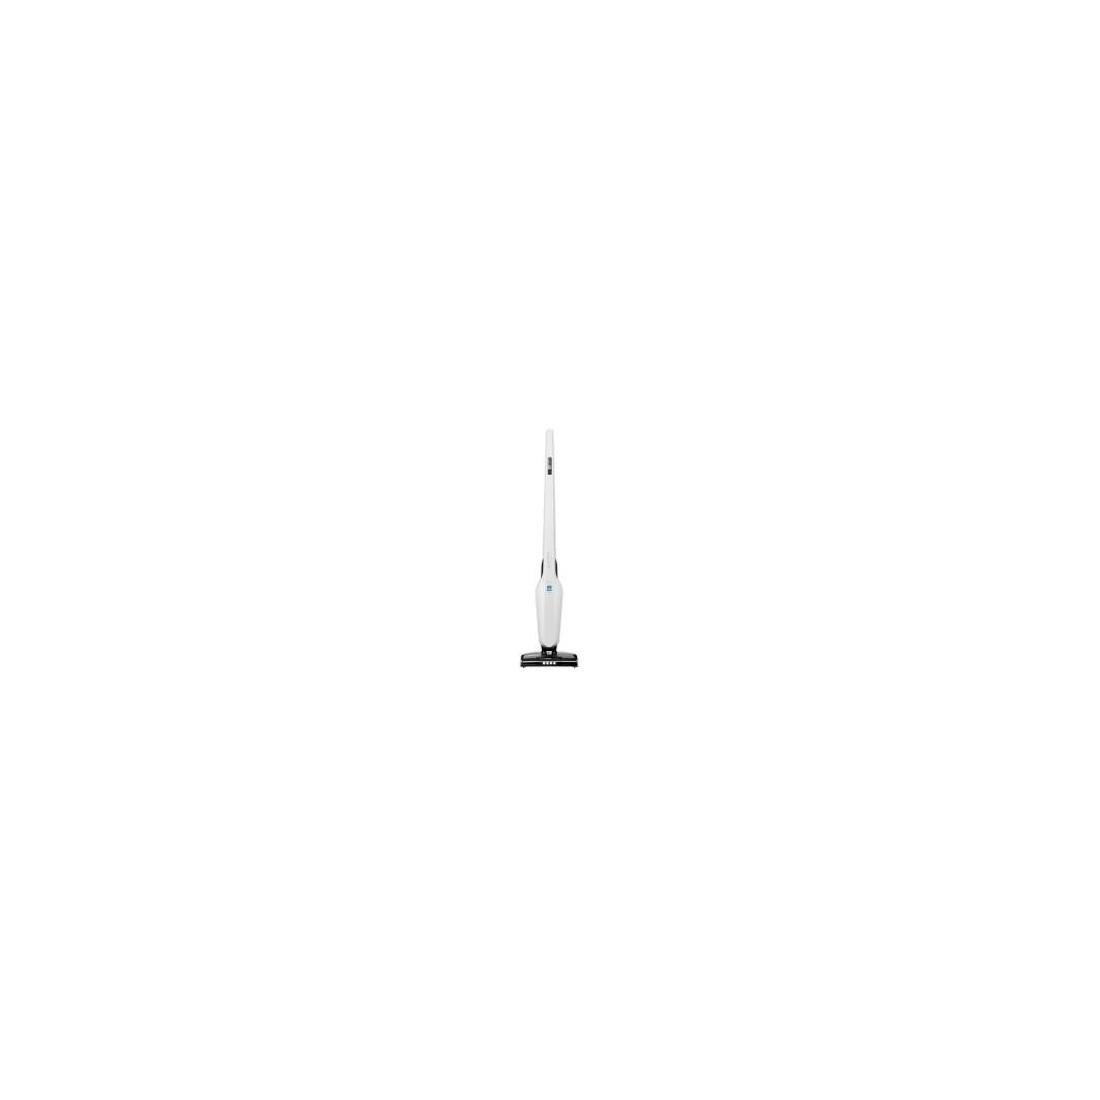 ASPIRADOR ESCOBA NILFISK EASY 28V WHITE 128390009